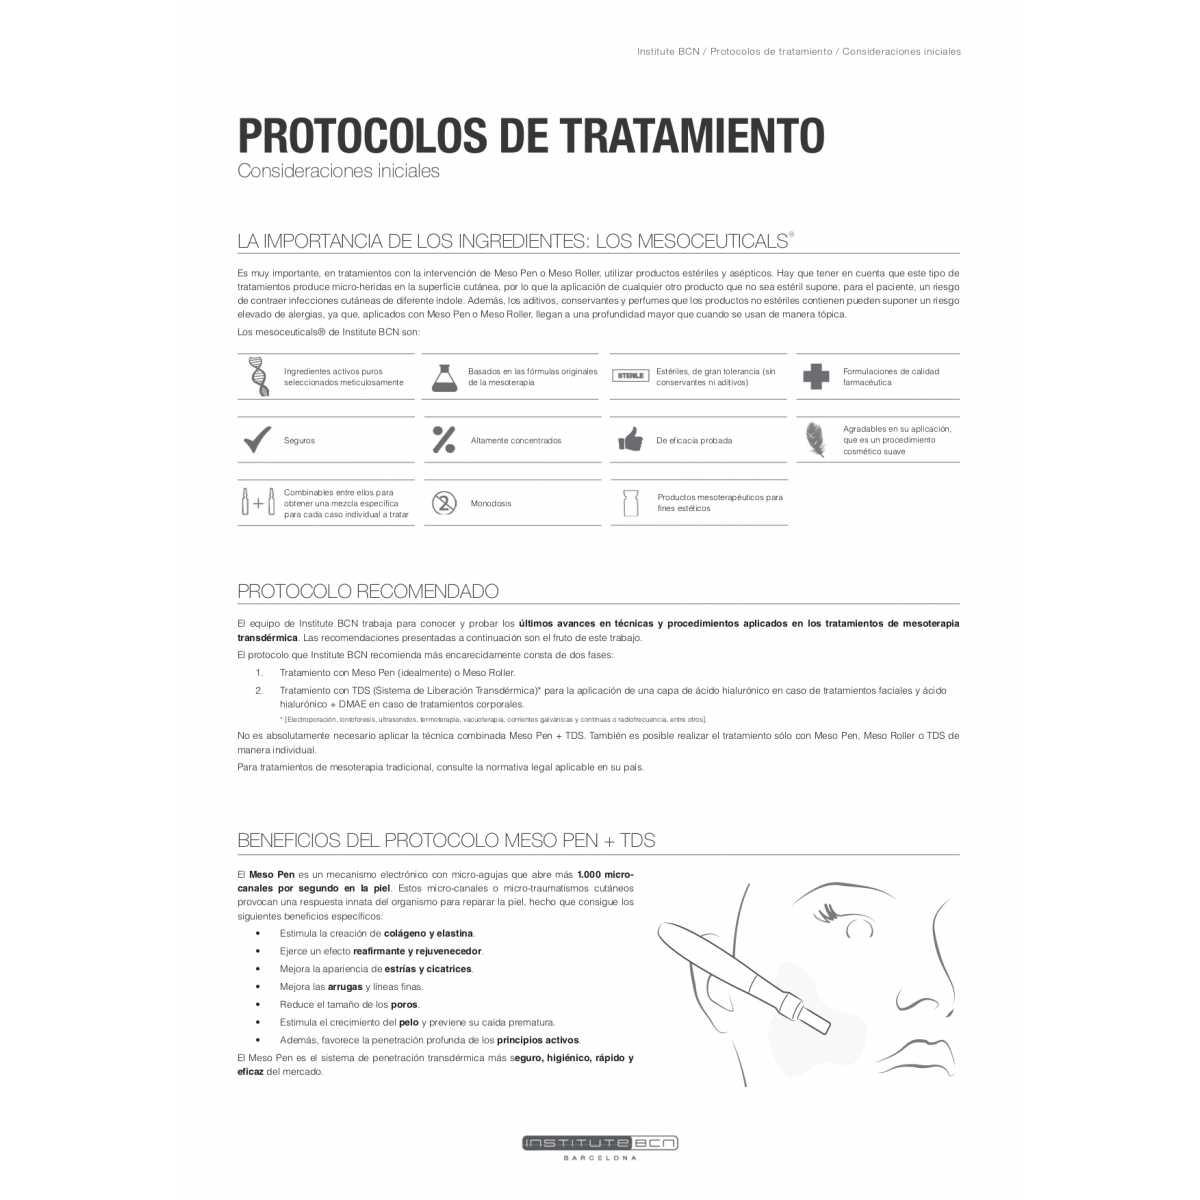 Fiale di acido ialuronico 2% - Principi attivi - Institute BCN